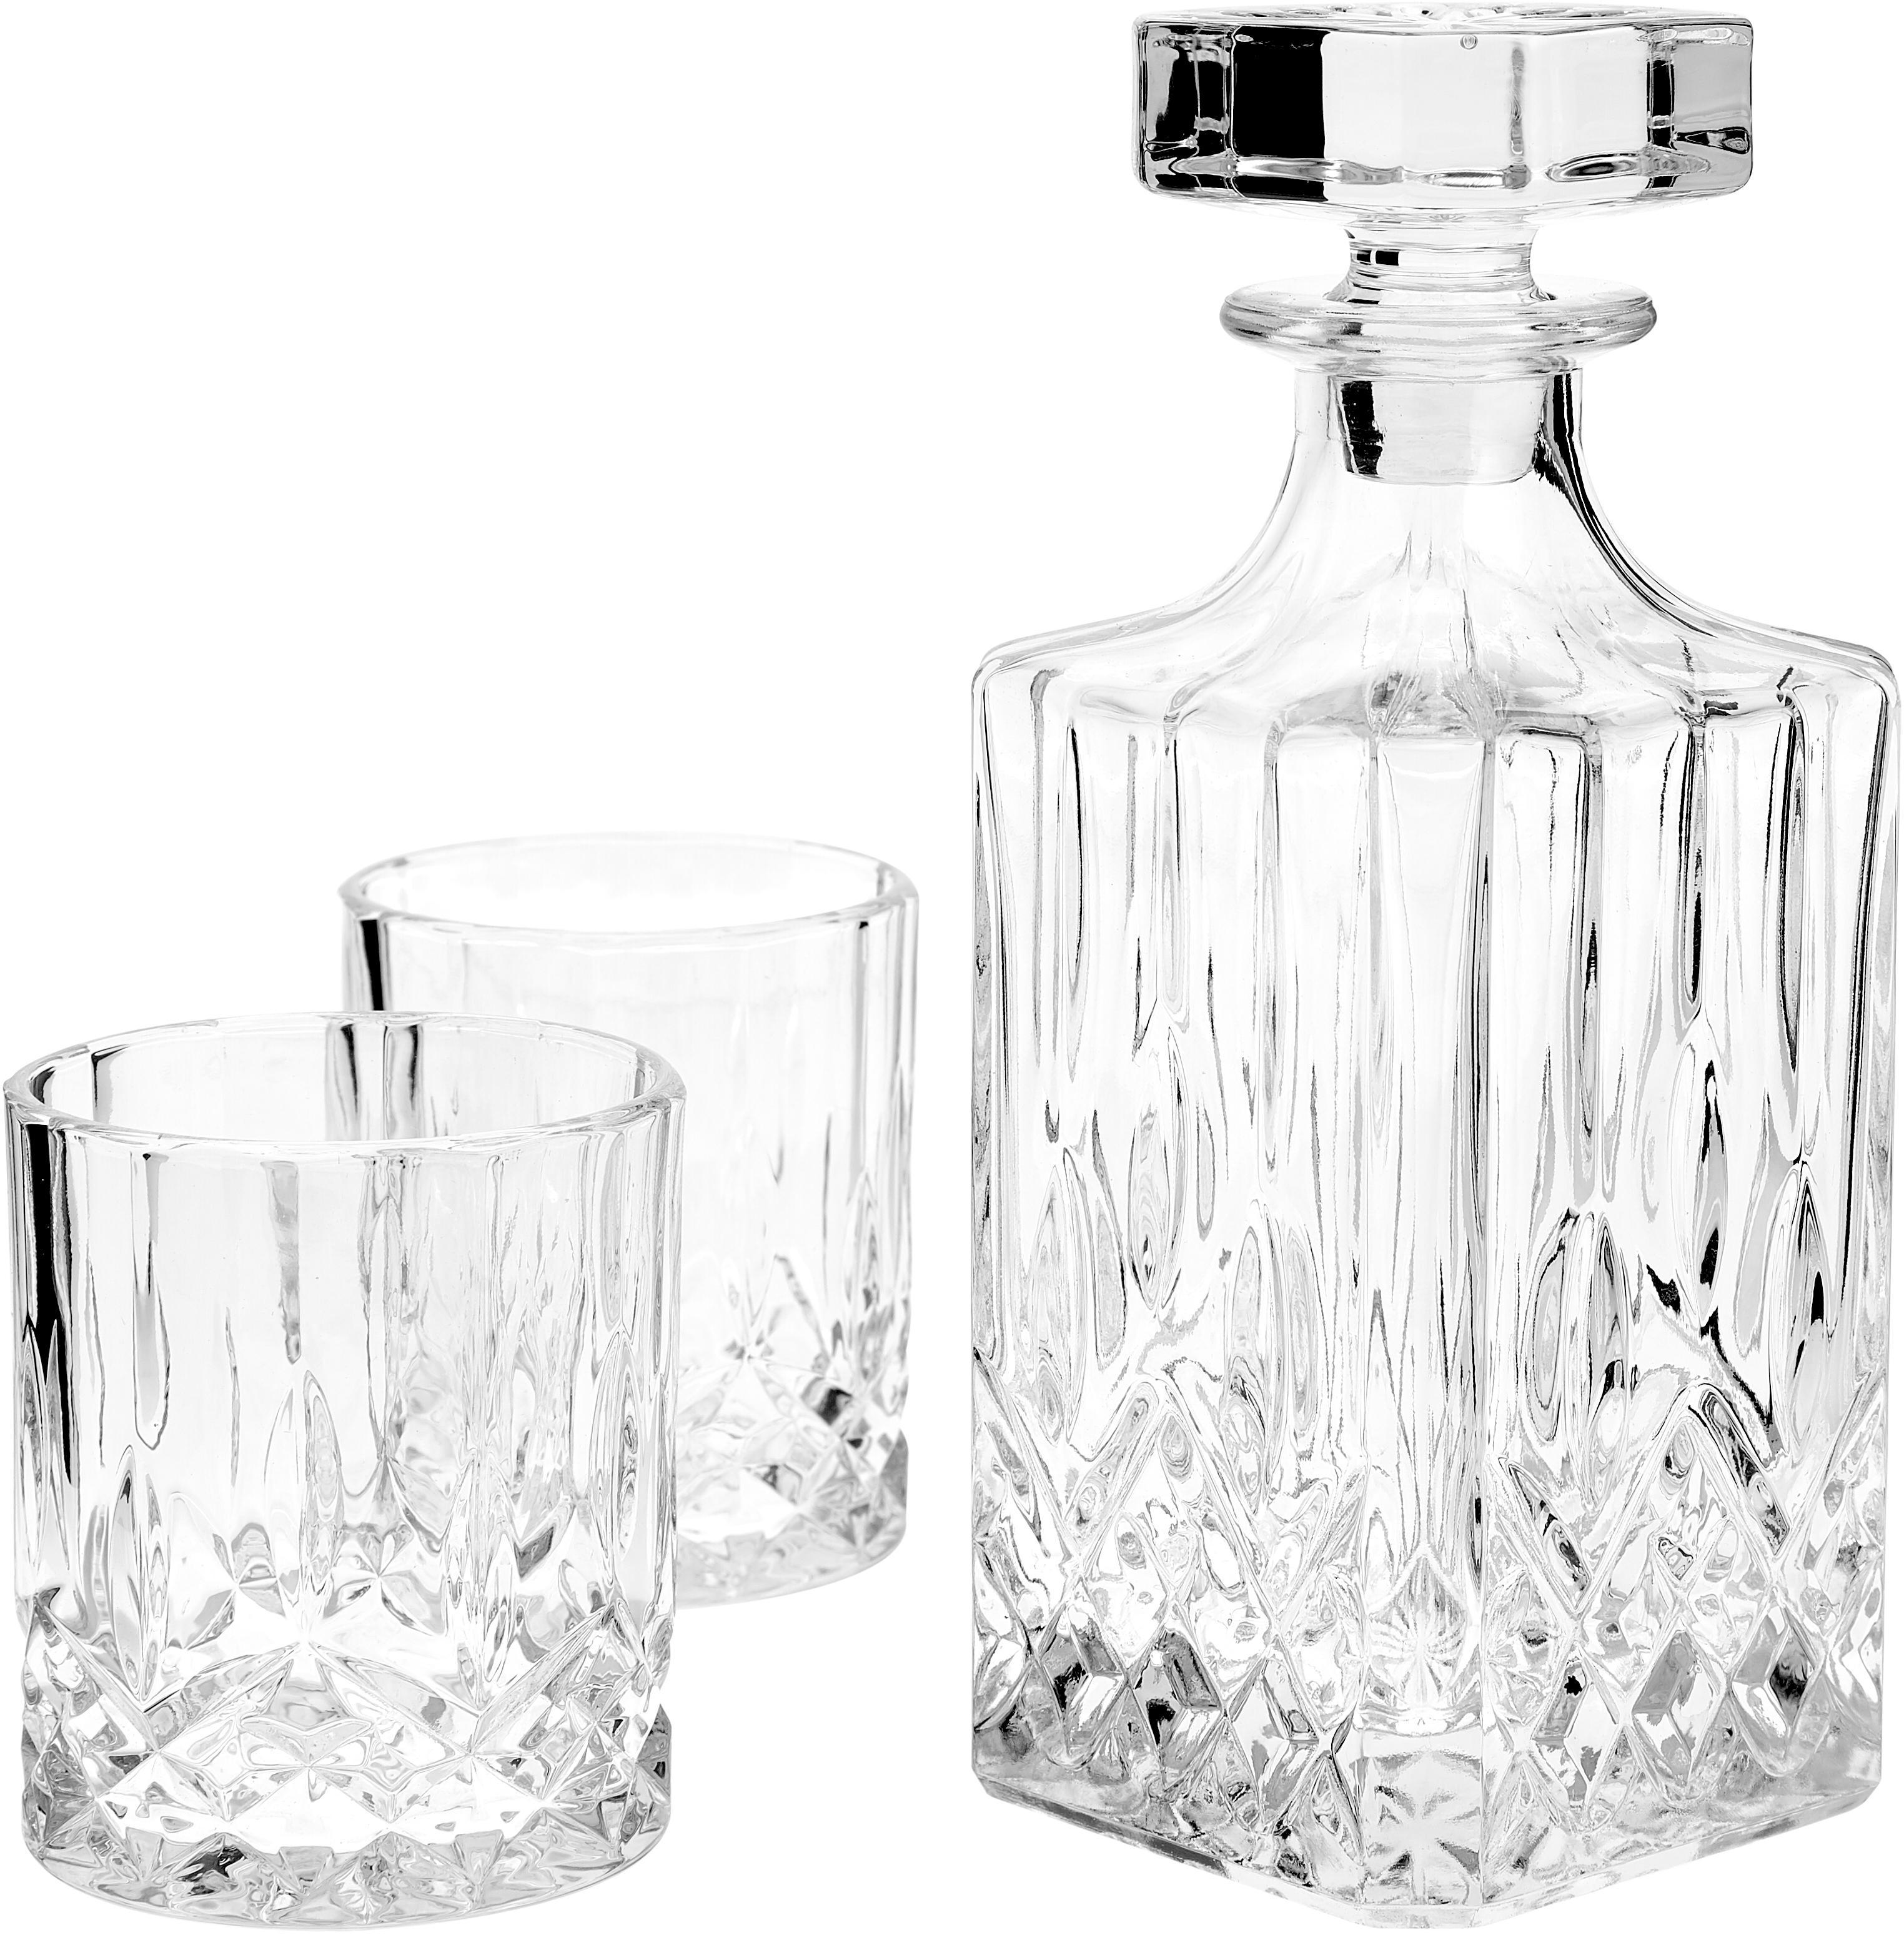 Komplet do whisky George, 3 elem., Szkło, Transparentny, Komplet z różnymi rozmiarami